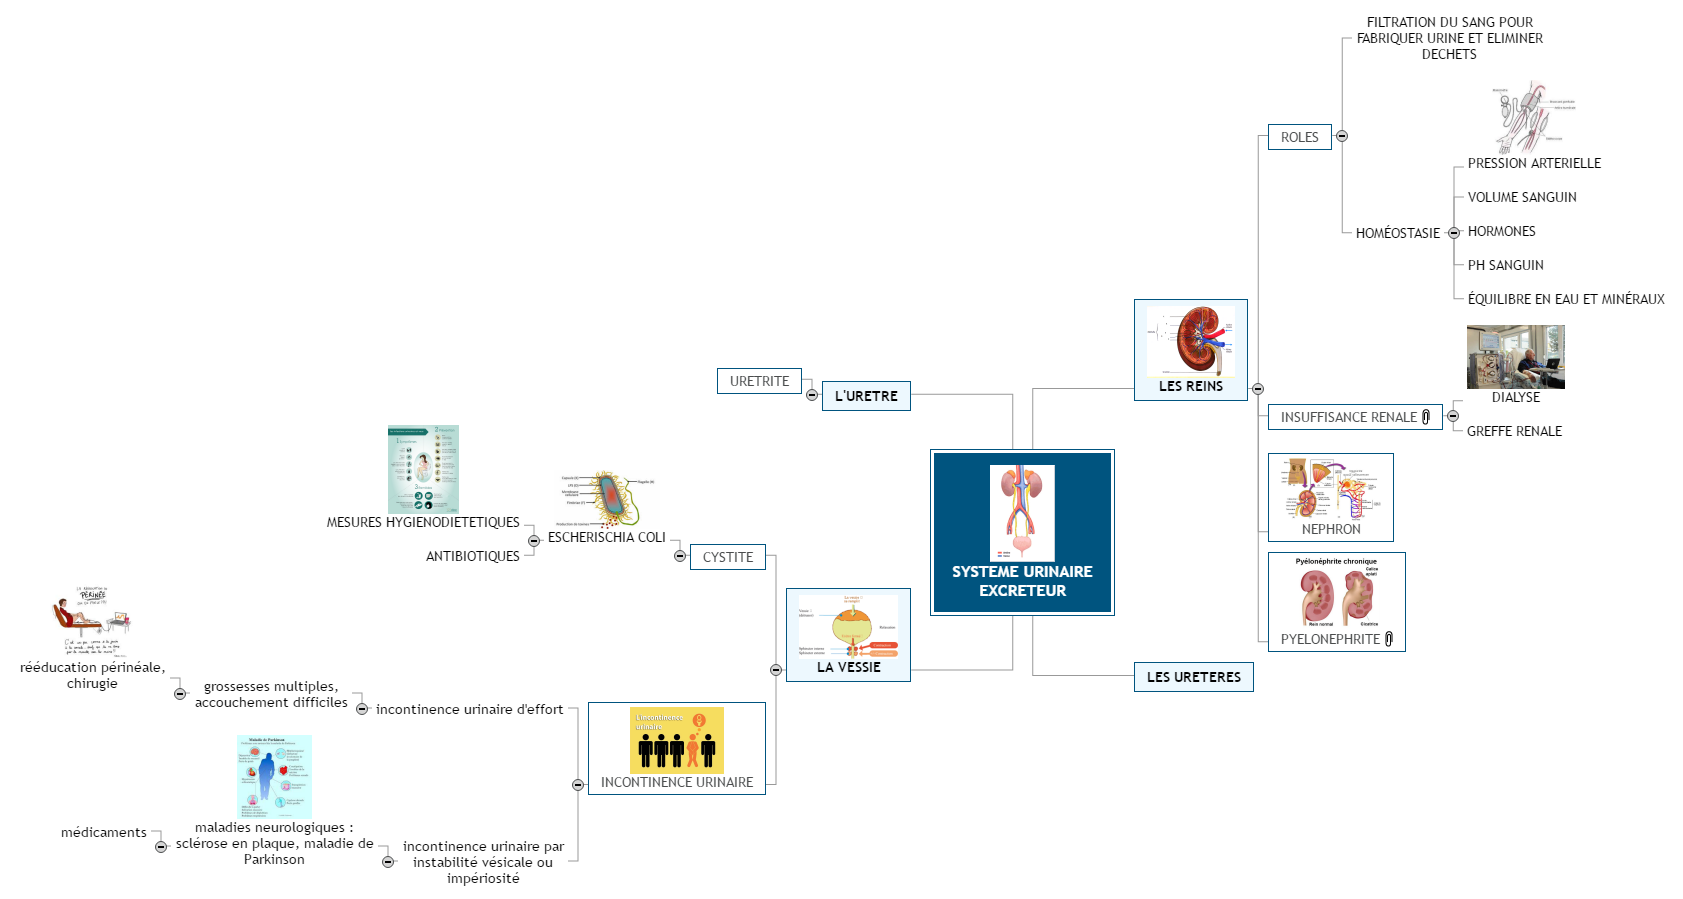 SYSTEME URINAIRE EXCRETEUR ASSP Mind Maps